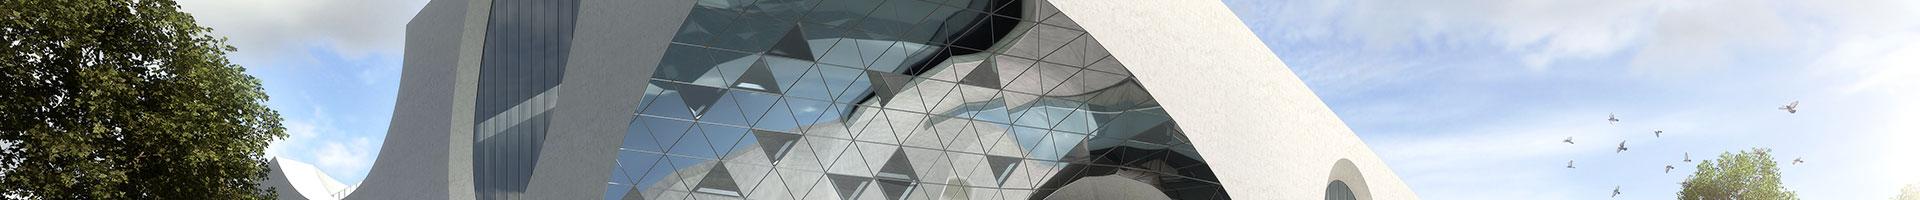 山东万博体育max客户端下载建筑集团